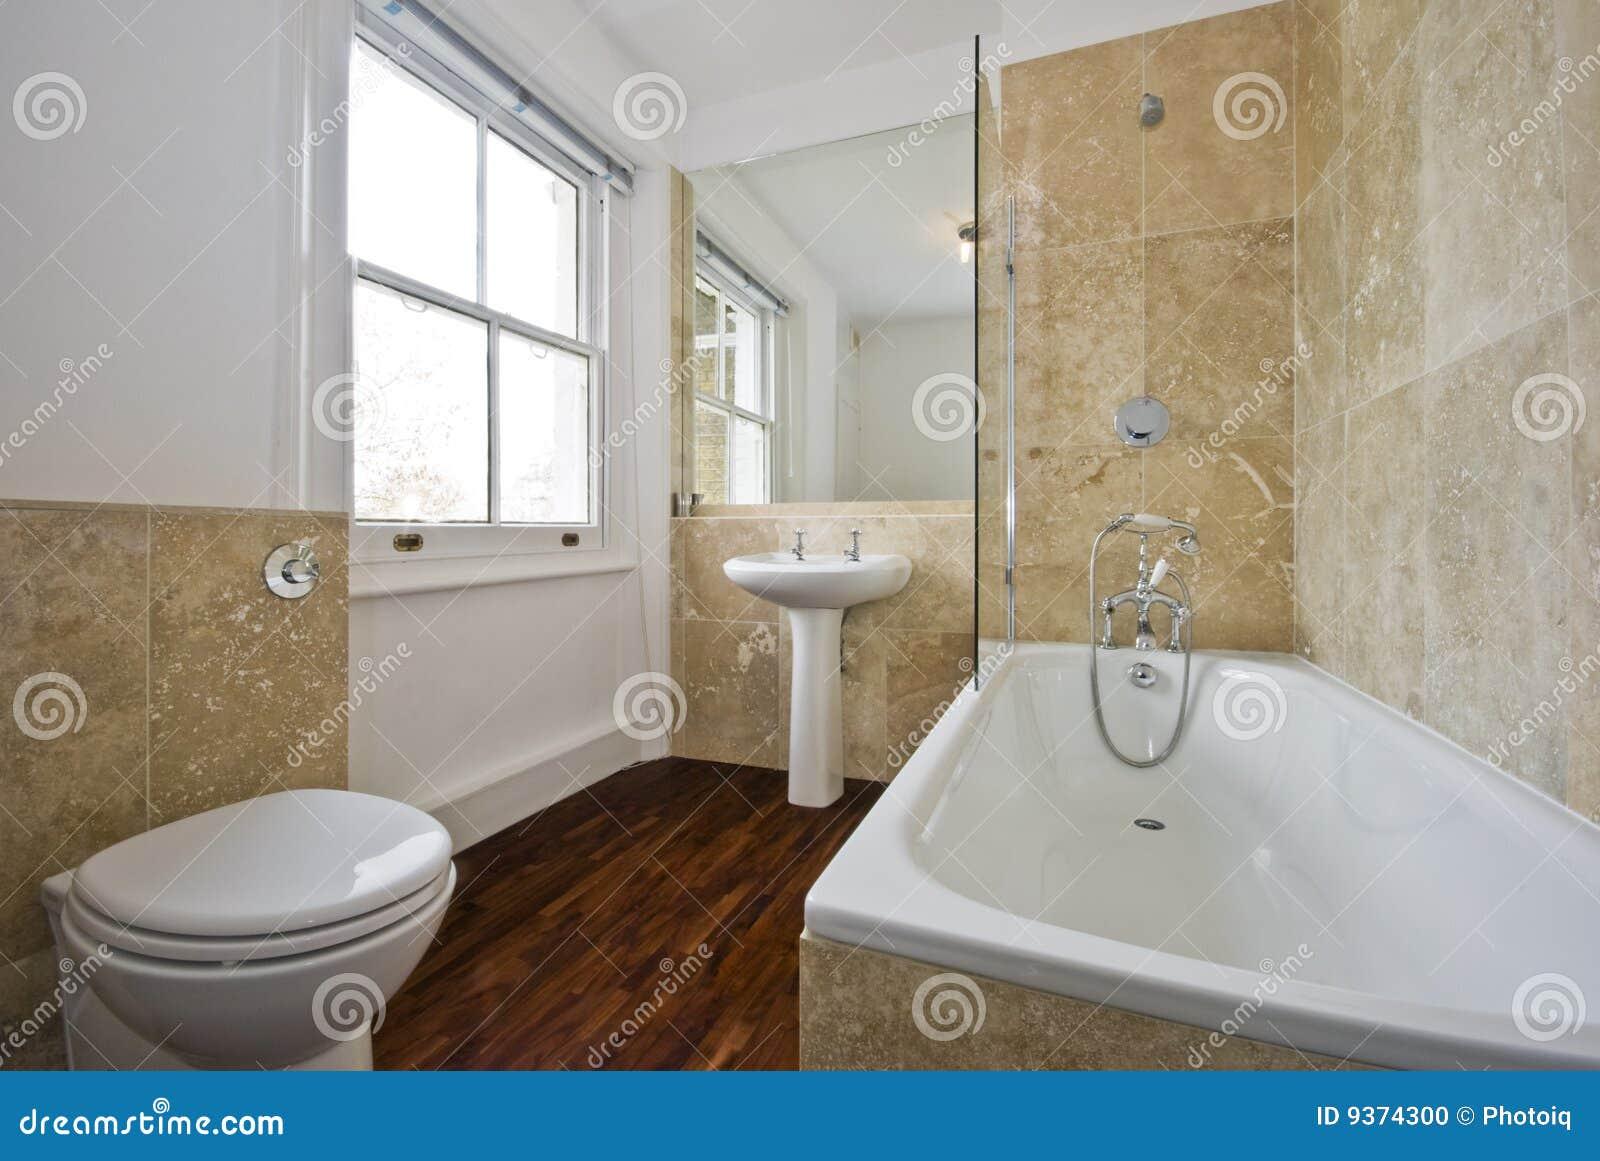 Piastrelle Arancioni Per Bagno stanza da bagno con marmo fotografia stock. immagine di